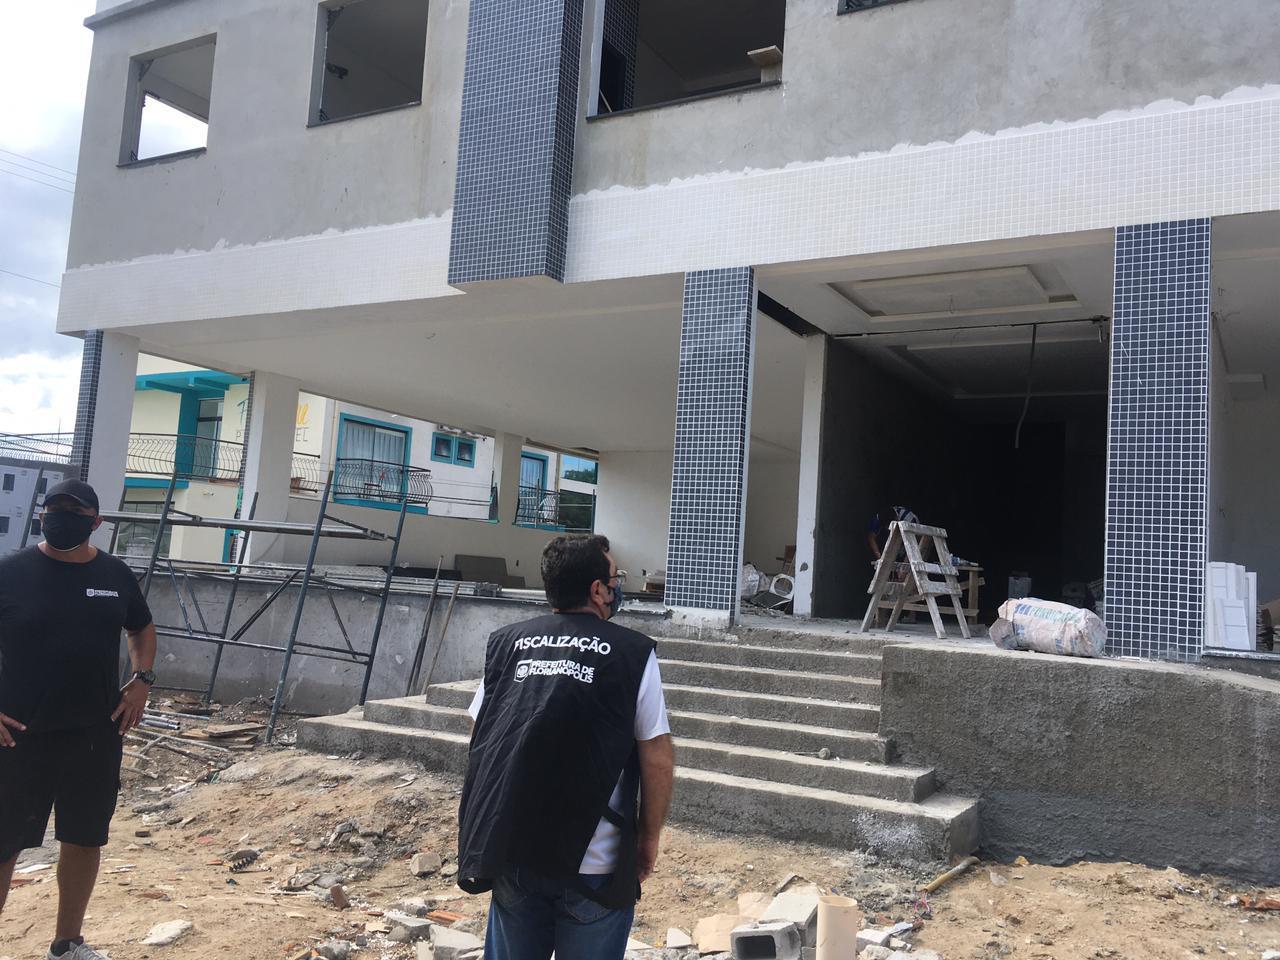 Prefeitura de Florianópolis fiscaliza e multa obras irregulares embargadas no Norte e Sul da Ilha